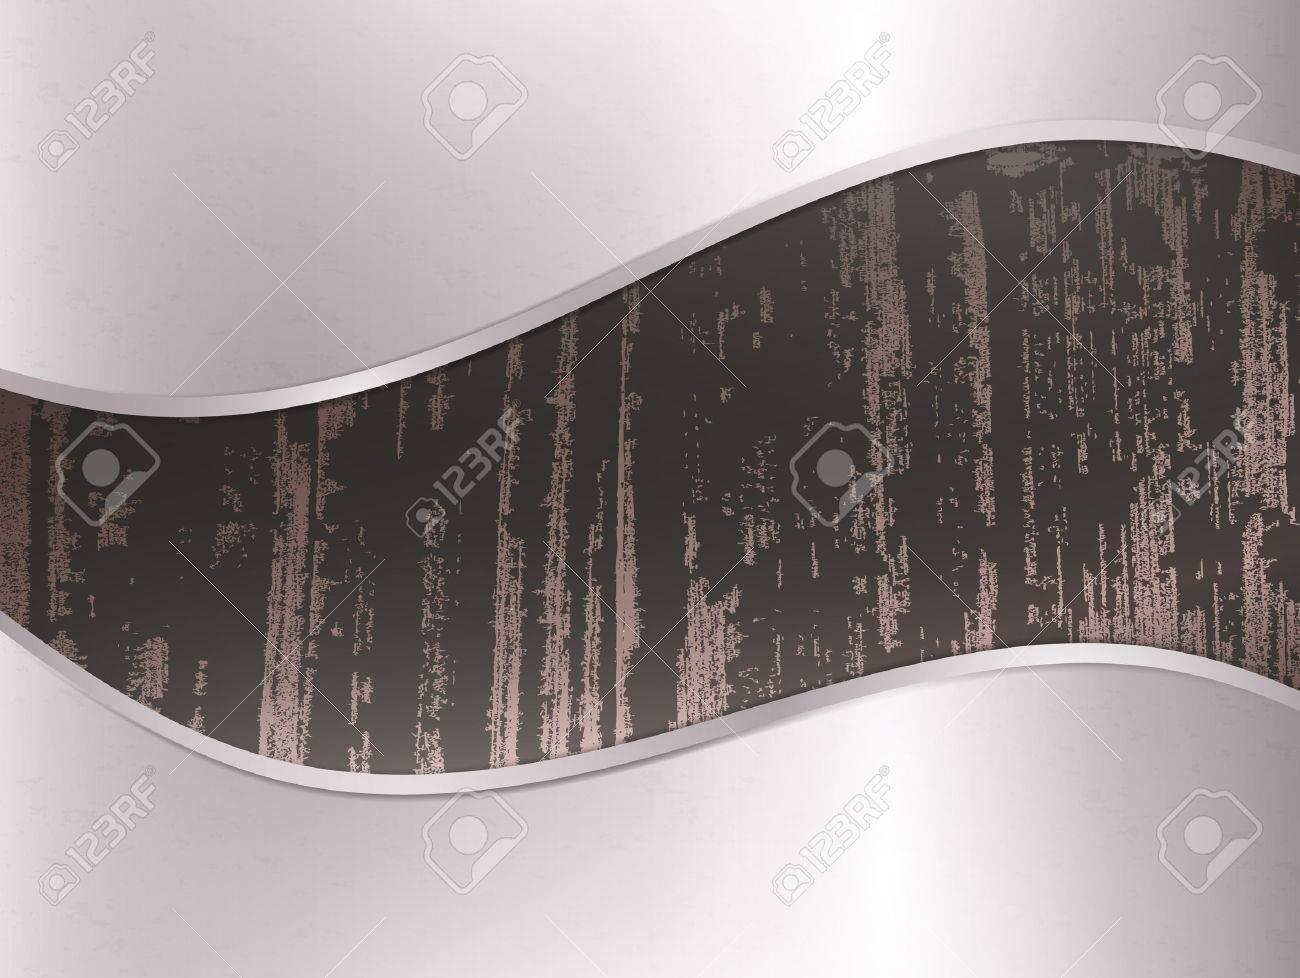 dark wooden background in metal frame - 8928588